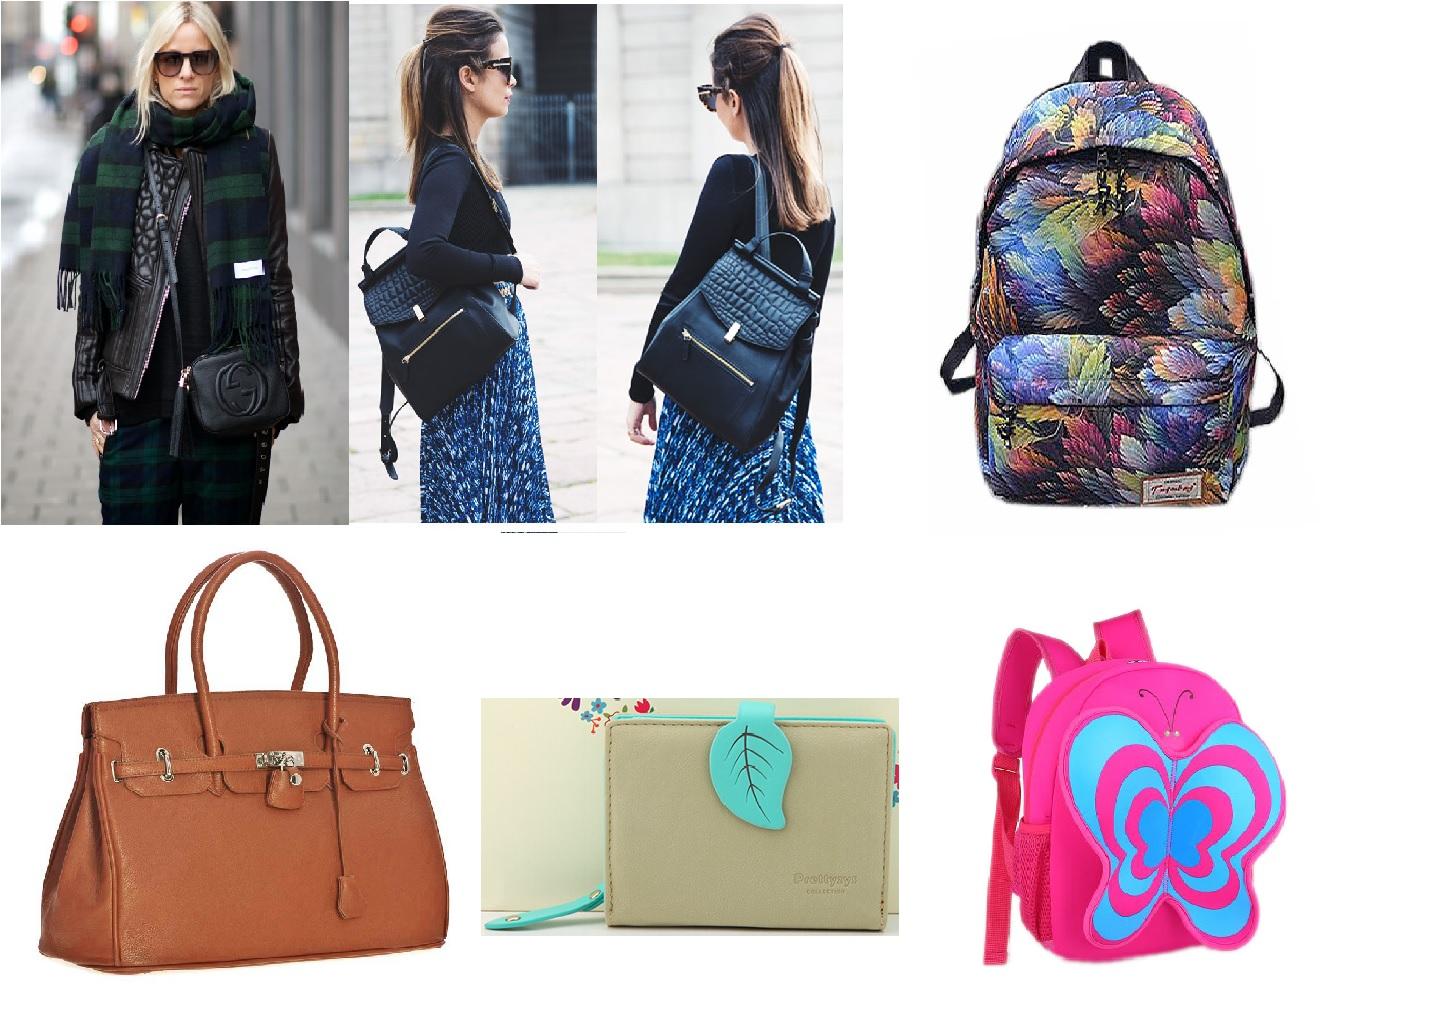 Сбор заказов.Сумкины дети. Копии брендов, оригинальные сумки и кошельки, рюкзаки для детей и взрослы, стильные шарфы и снуды. Выкуп 2